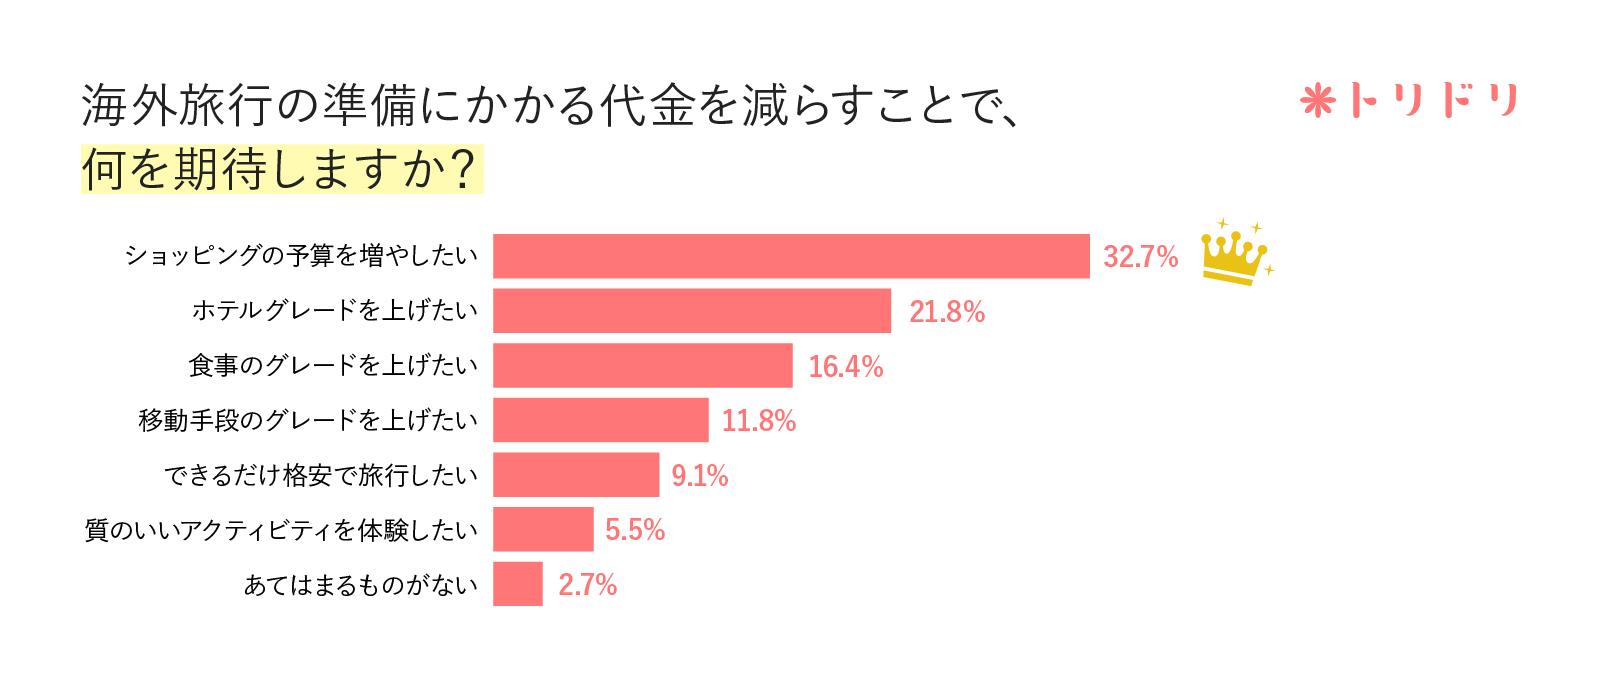 アンケート結果のグラフ:海外旅行の準備にかかる代金を減らすことで、何を期待しますか?